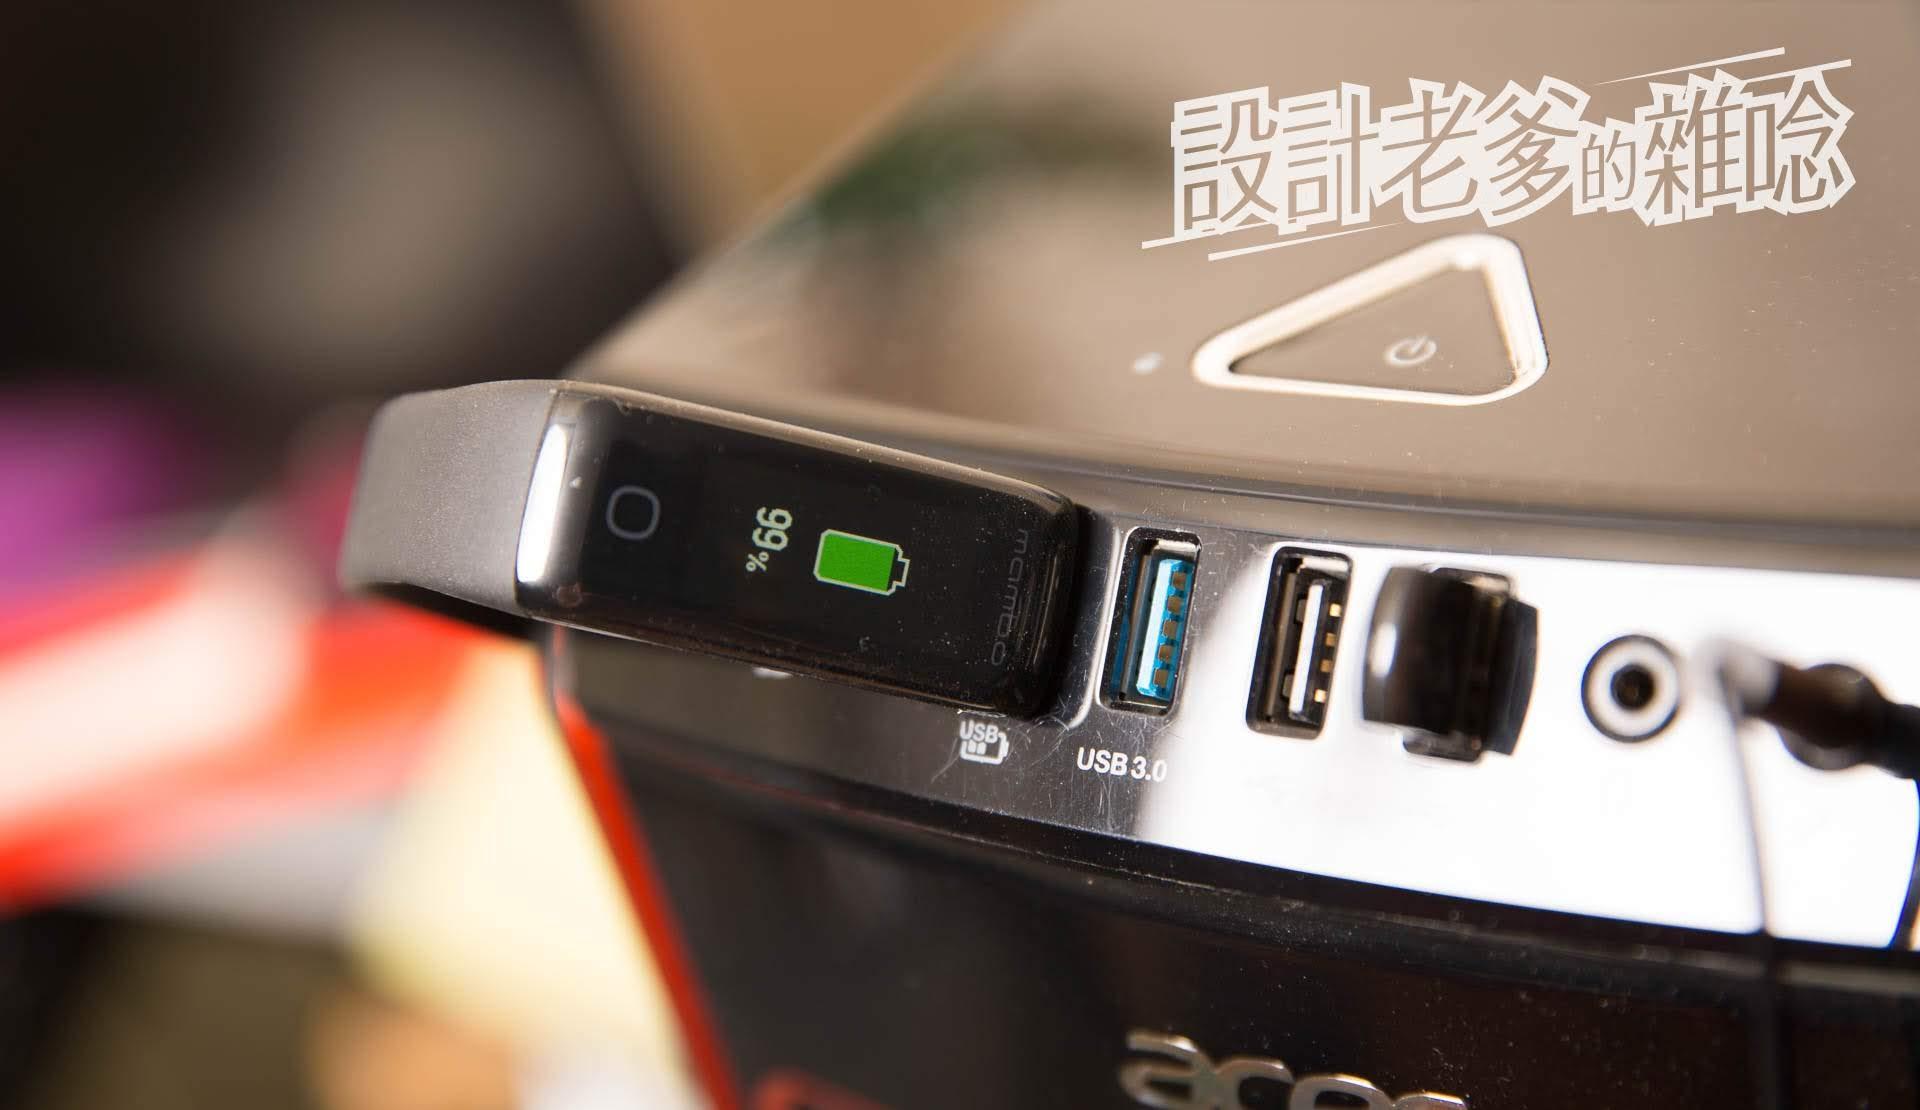 樂心Lifesense-智能健康手環Mambo 5 Pro...很乖又不吵的數位健康隨身小管家